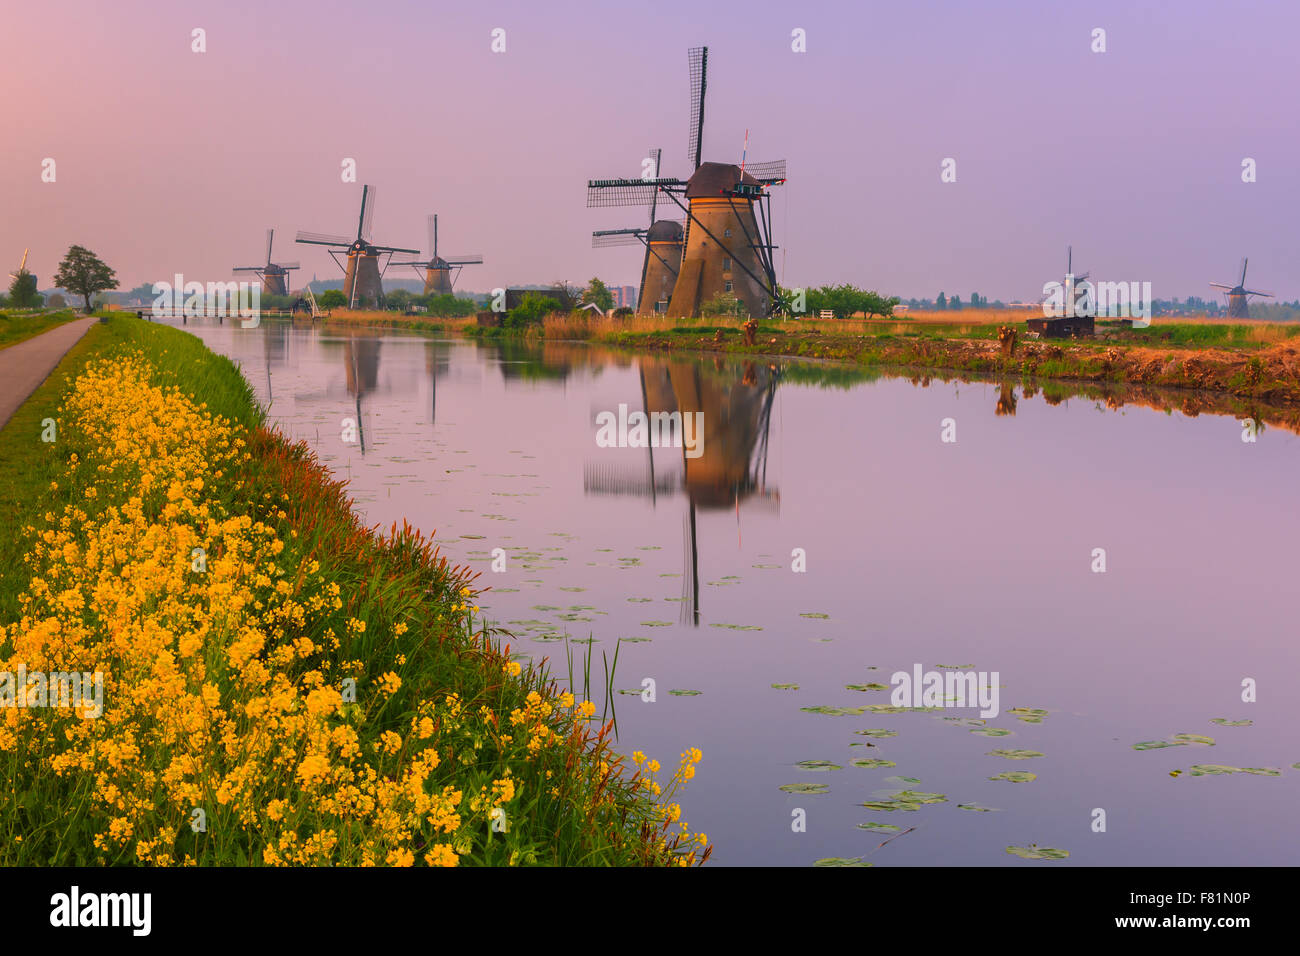 Die berühmten Windmühlen bei Kinderdijk, Südholland, Niederlande Stockbild